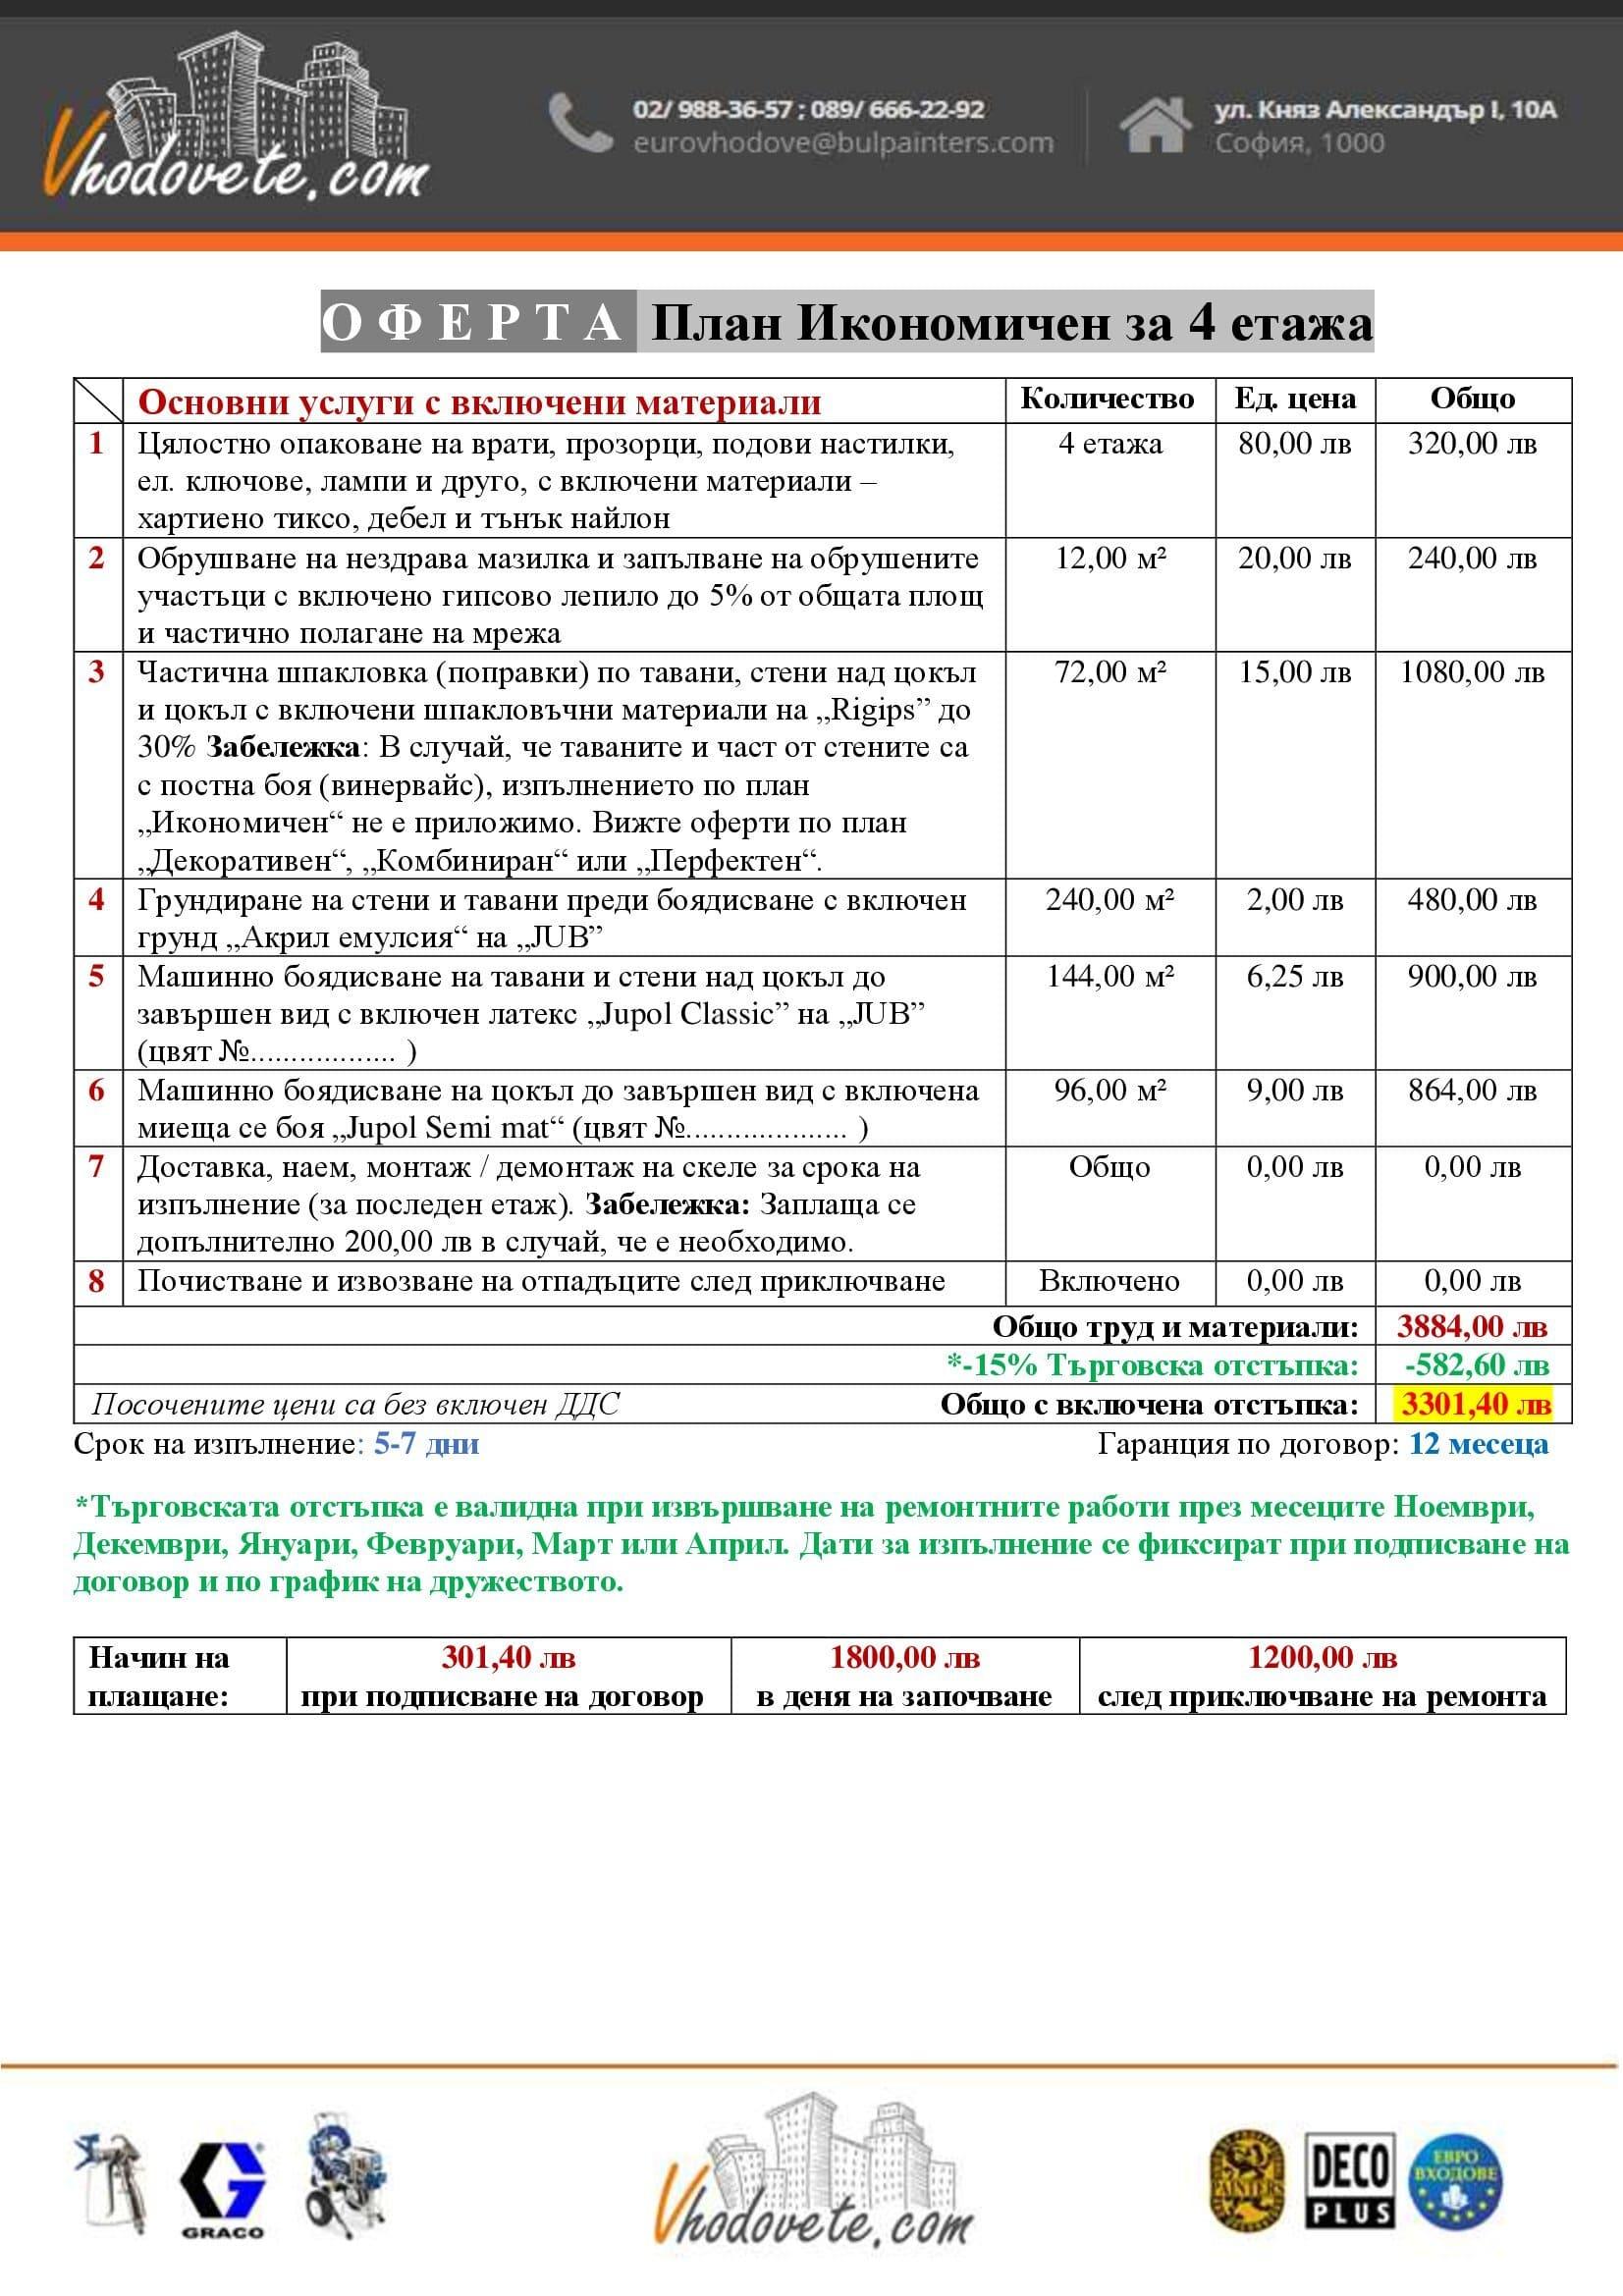 1-Oferta-za-4-et-Ikonomichen-01052021